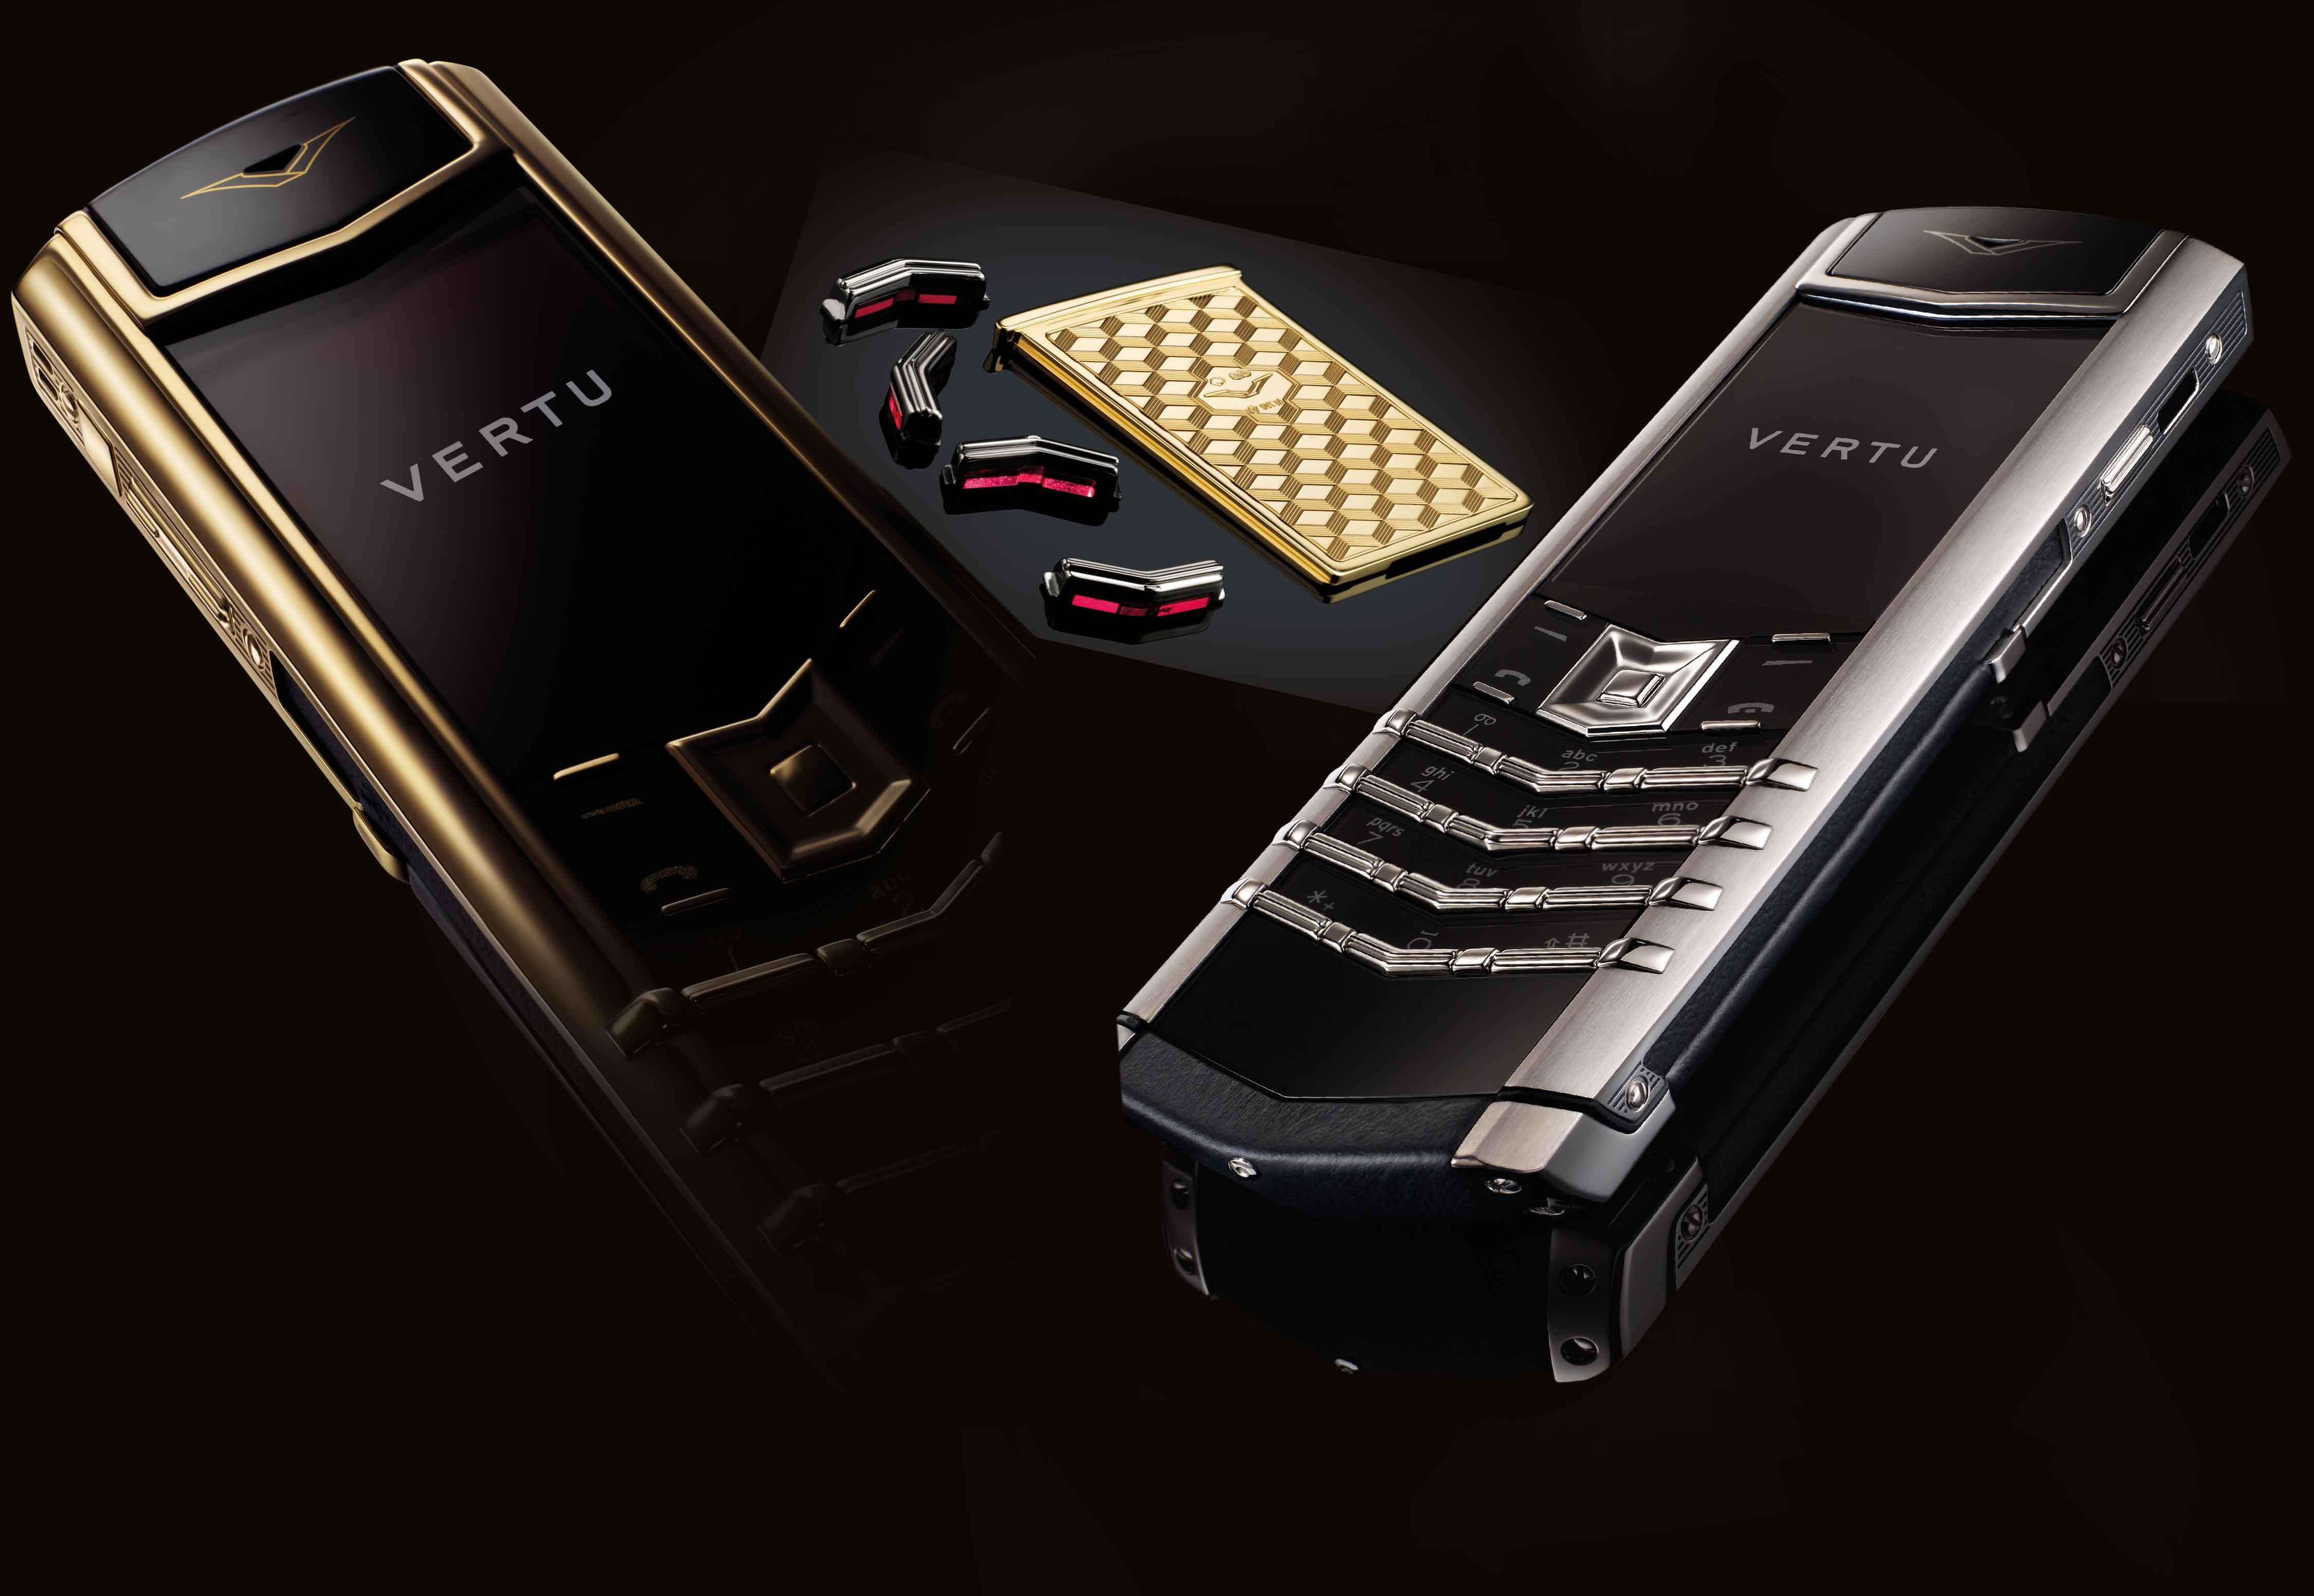 Дизайн телефона vertu